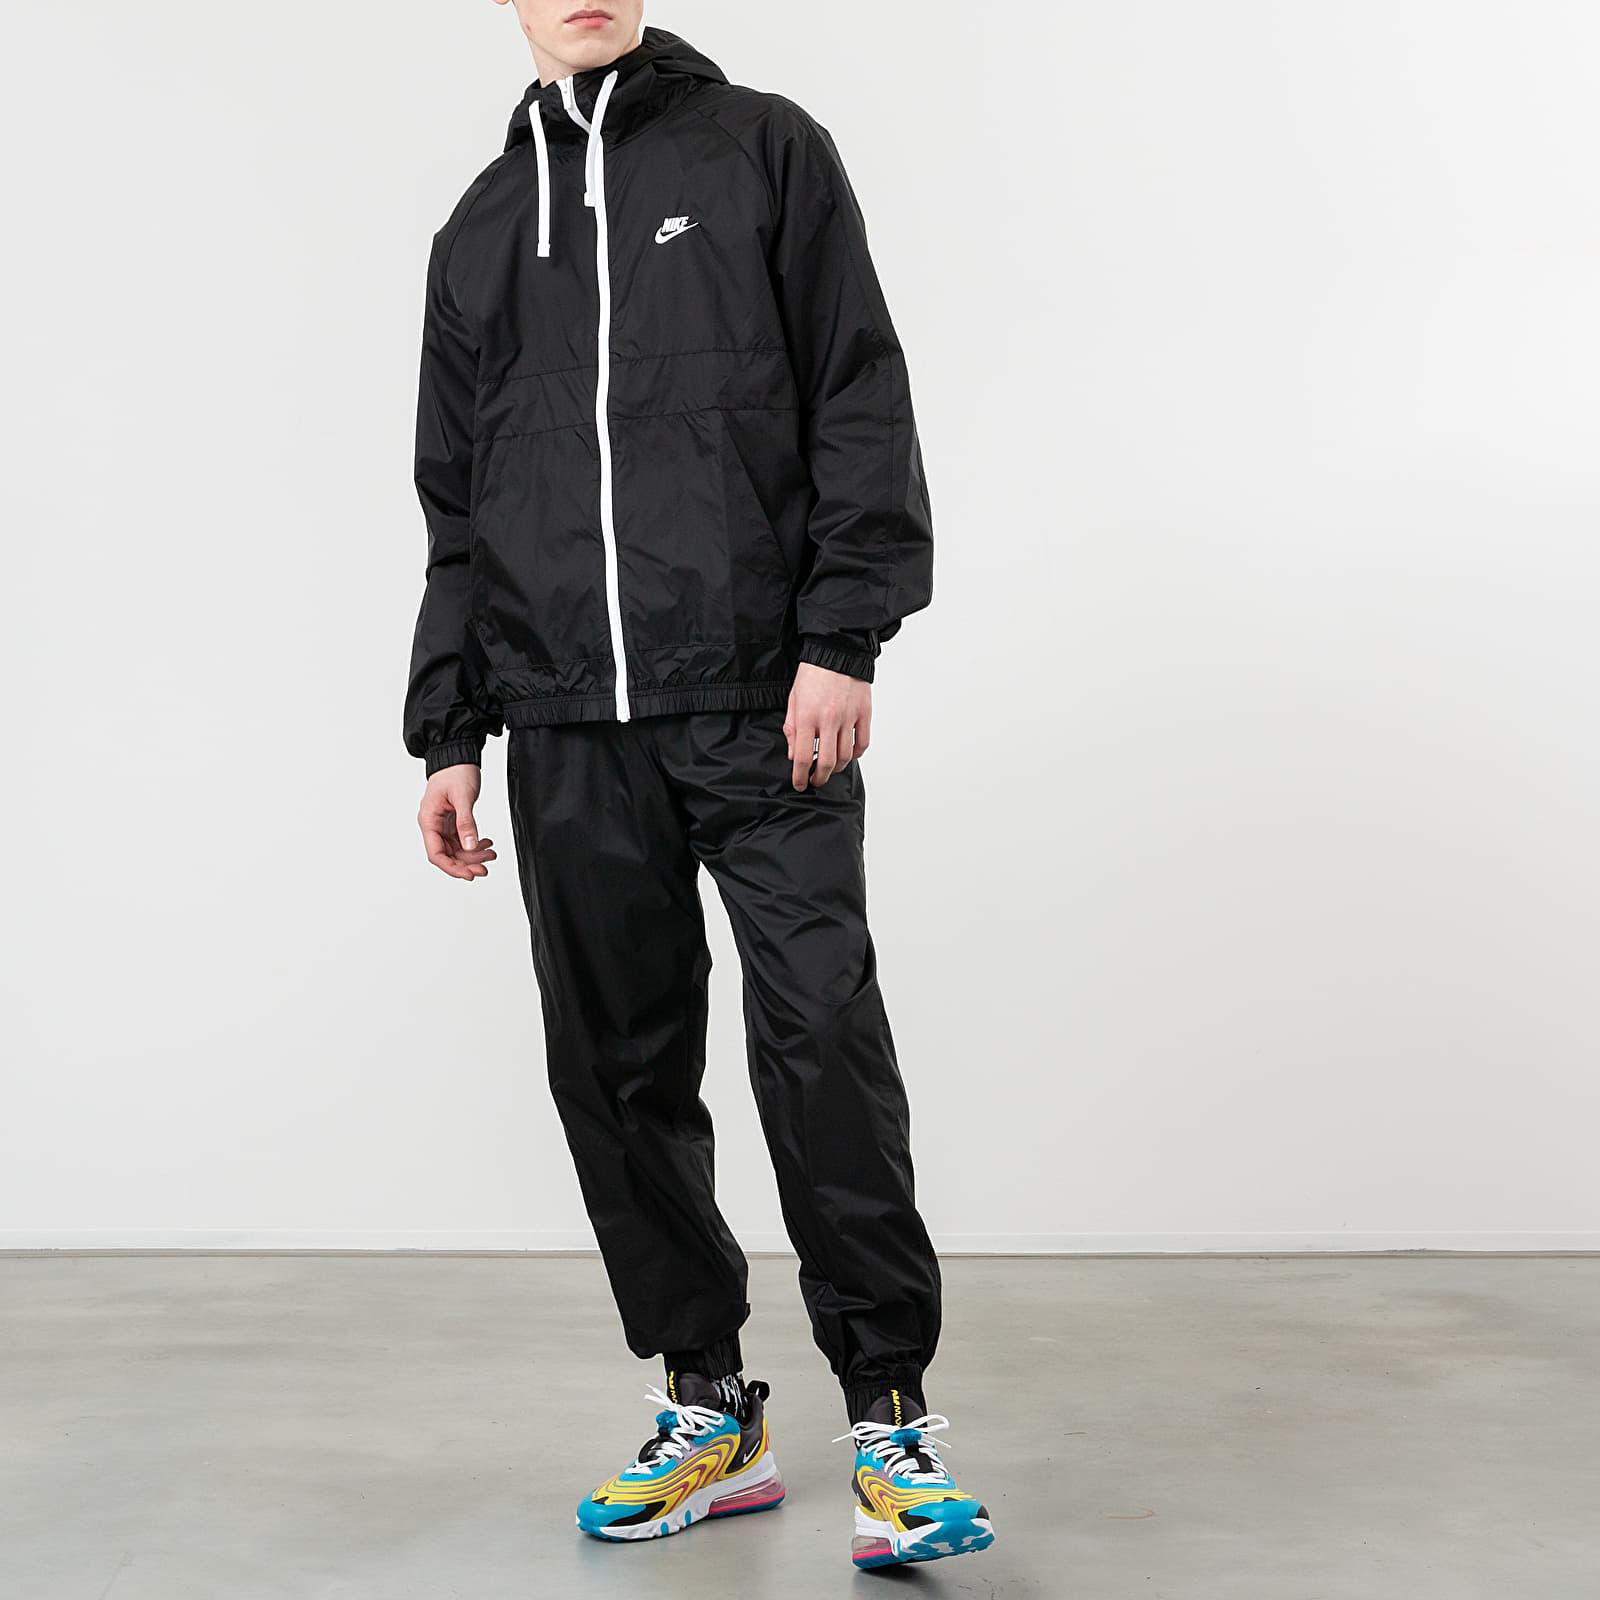 Nike Sportswear CE Woven Track Suit